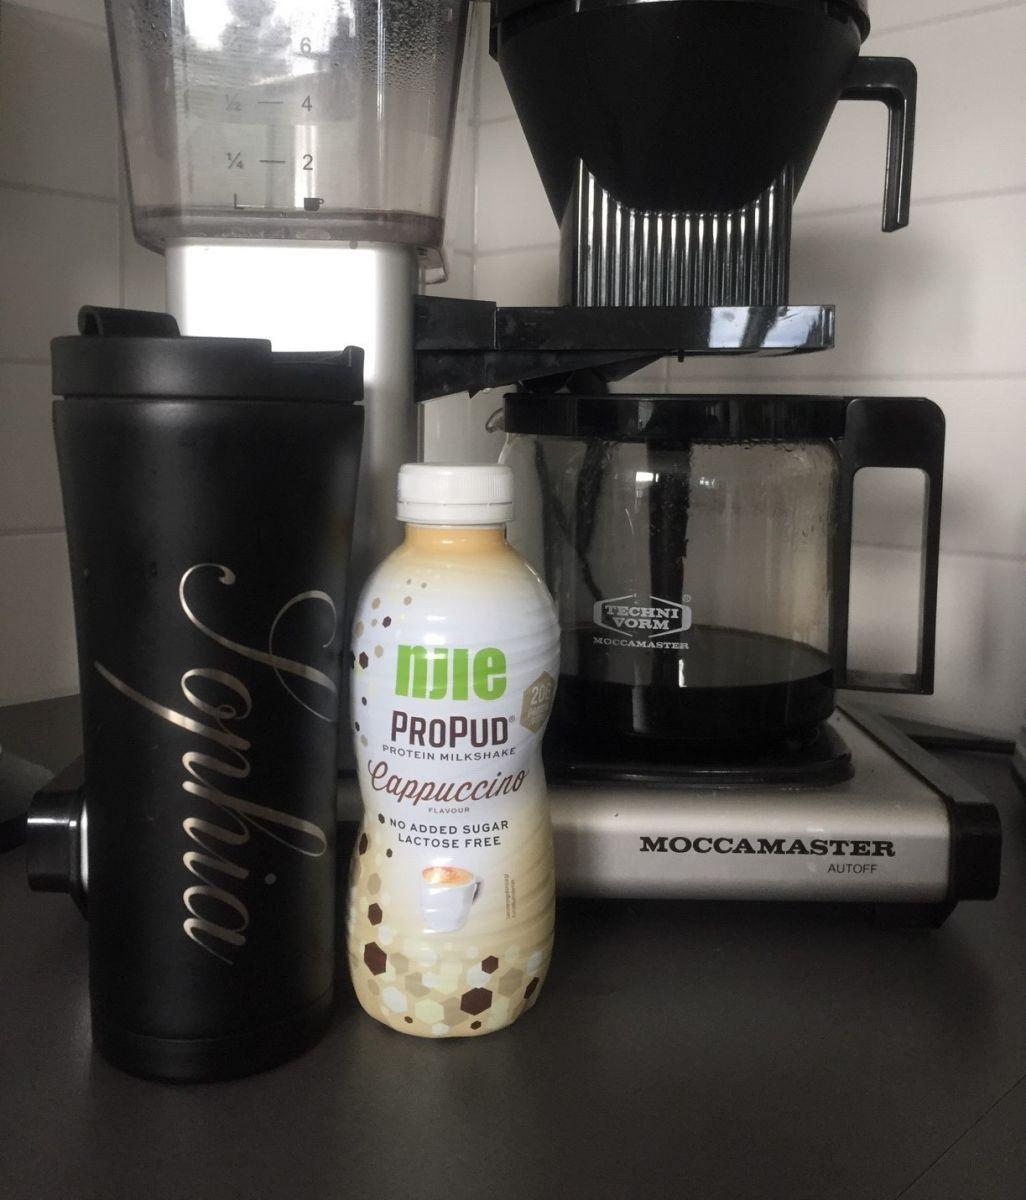 Termosmugg, Njie Proteinmilkshake, kaffebryggare